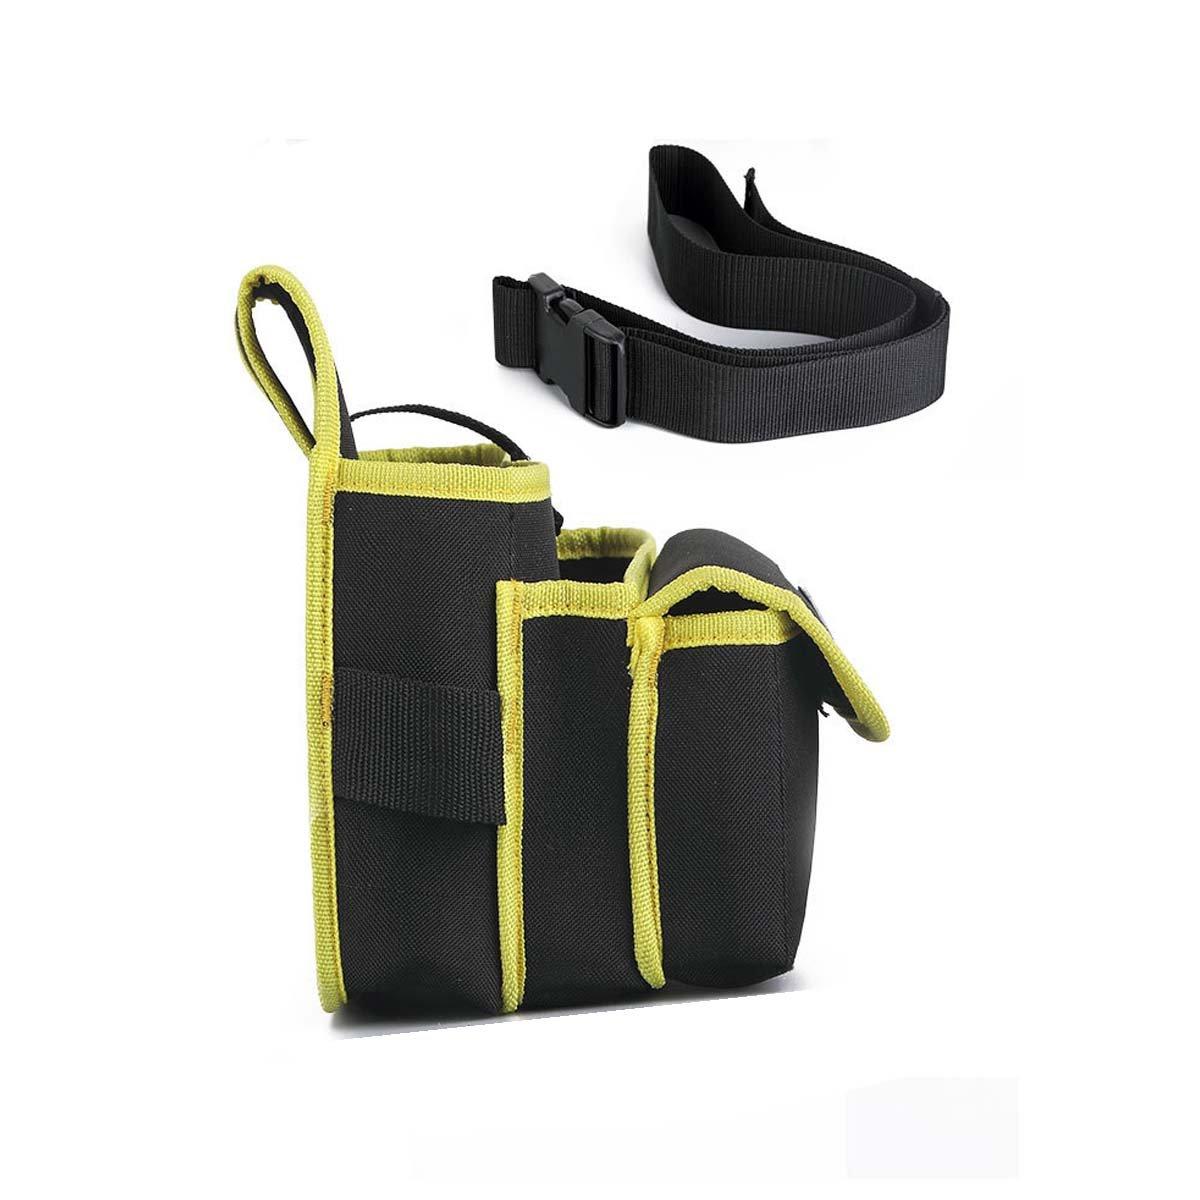 MASUNN Electricista Cintur/ón De Herramientas De Bolsillo Bolsa De Cintura Destornillador Herramienta De Utilidad Titular-Amarillo